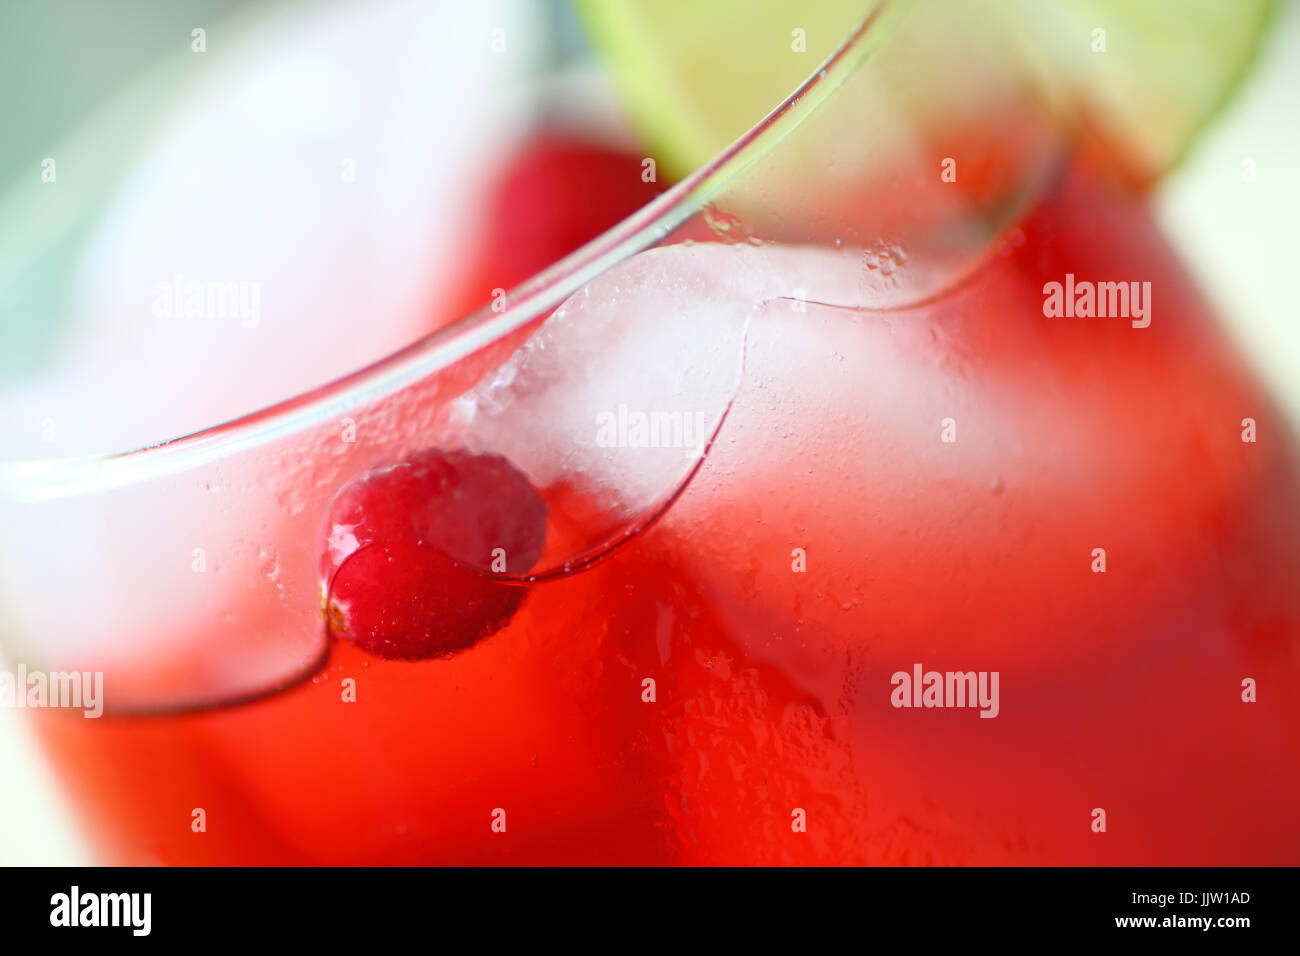 Acercamiento de una bebida helada hecha con jugo de arándano con bayas frescas y una rodaja de limón Imagen De Stock